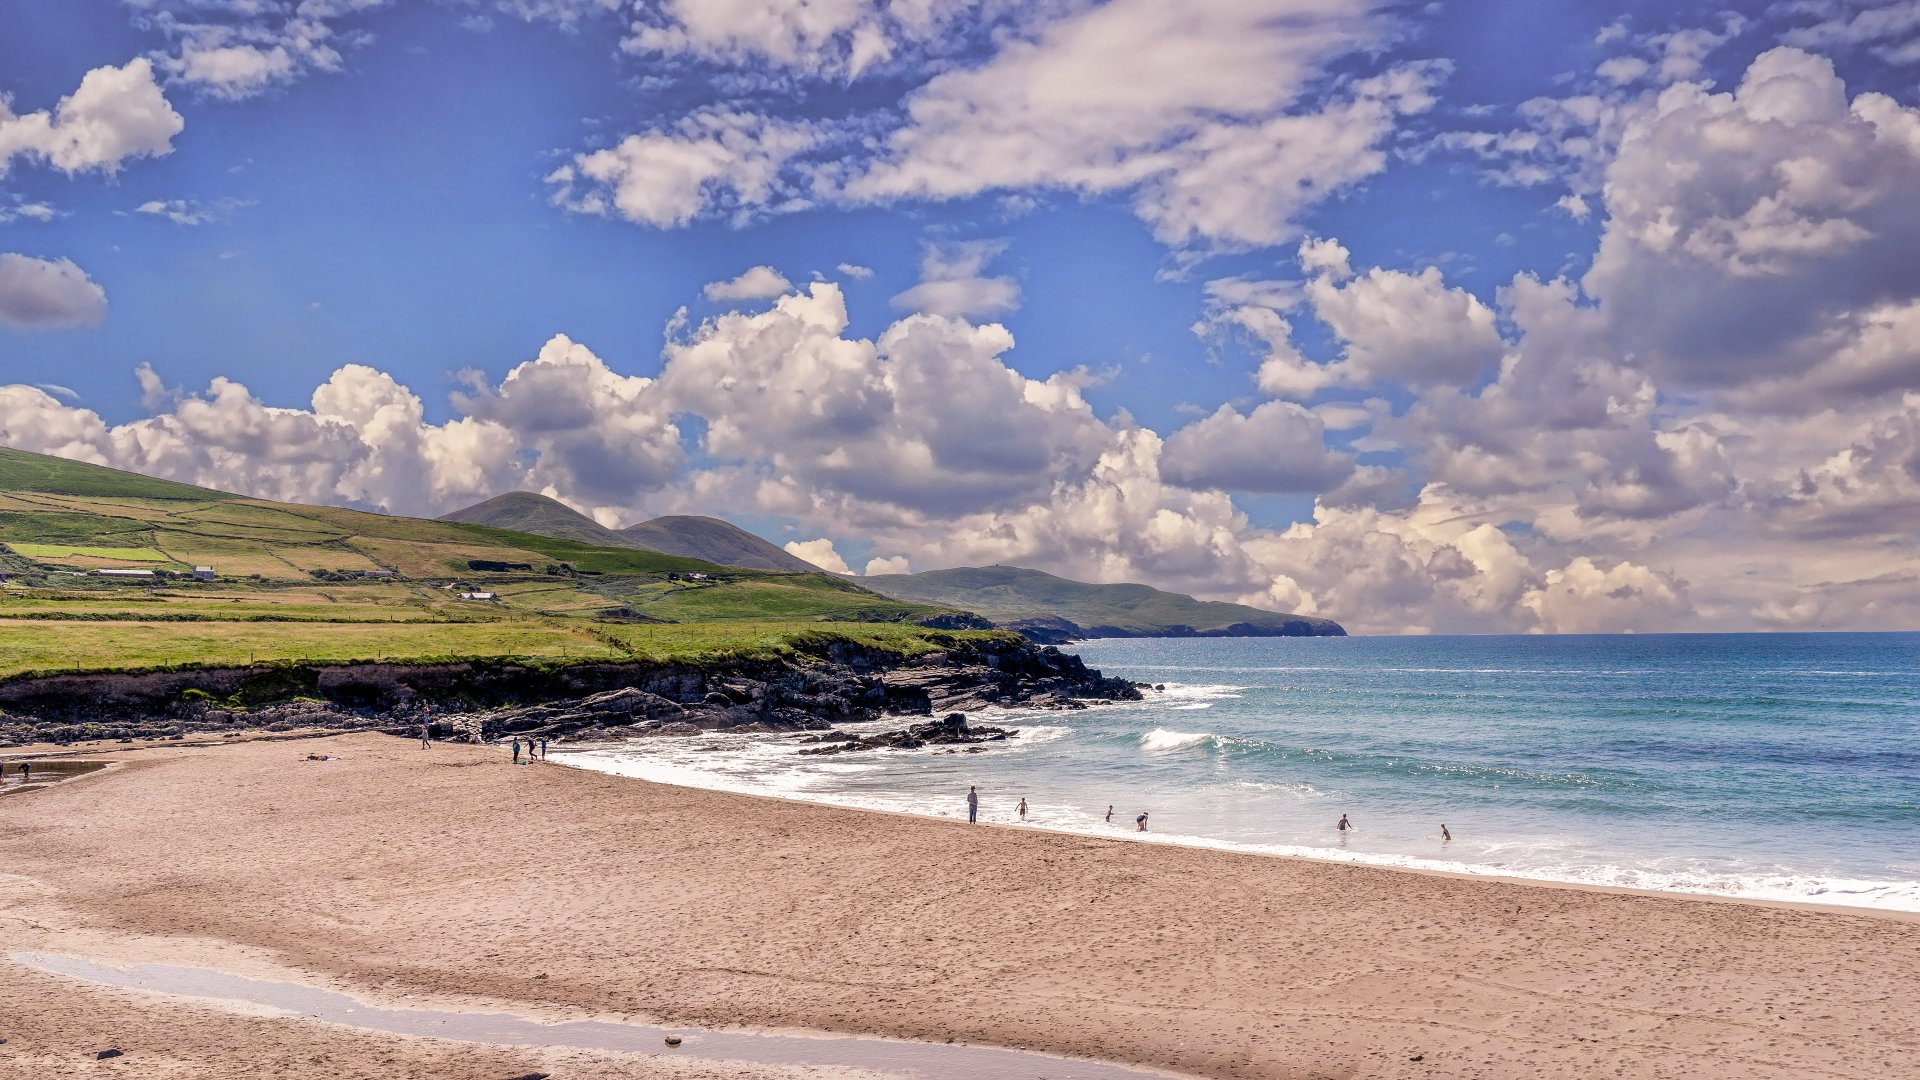 Irish Coast 4k Ultra HD Wallpaper   Background Image ...